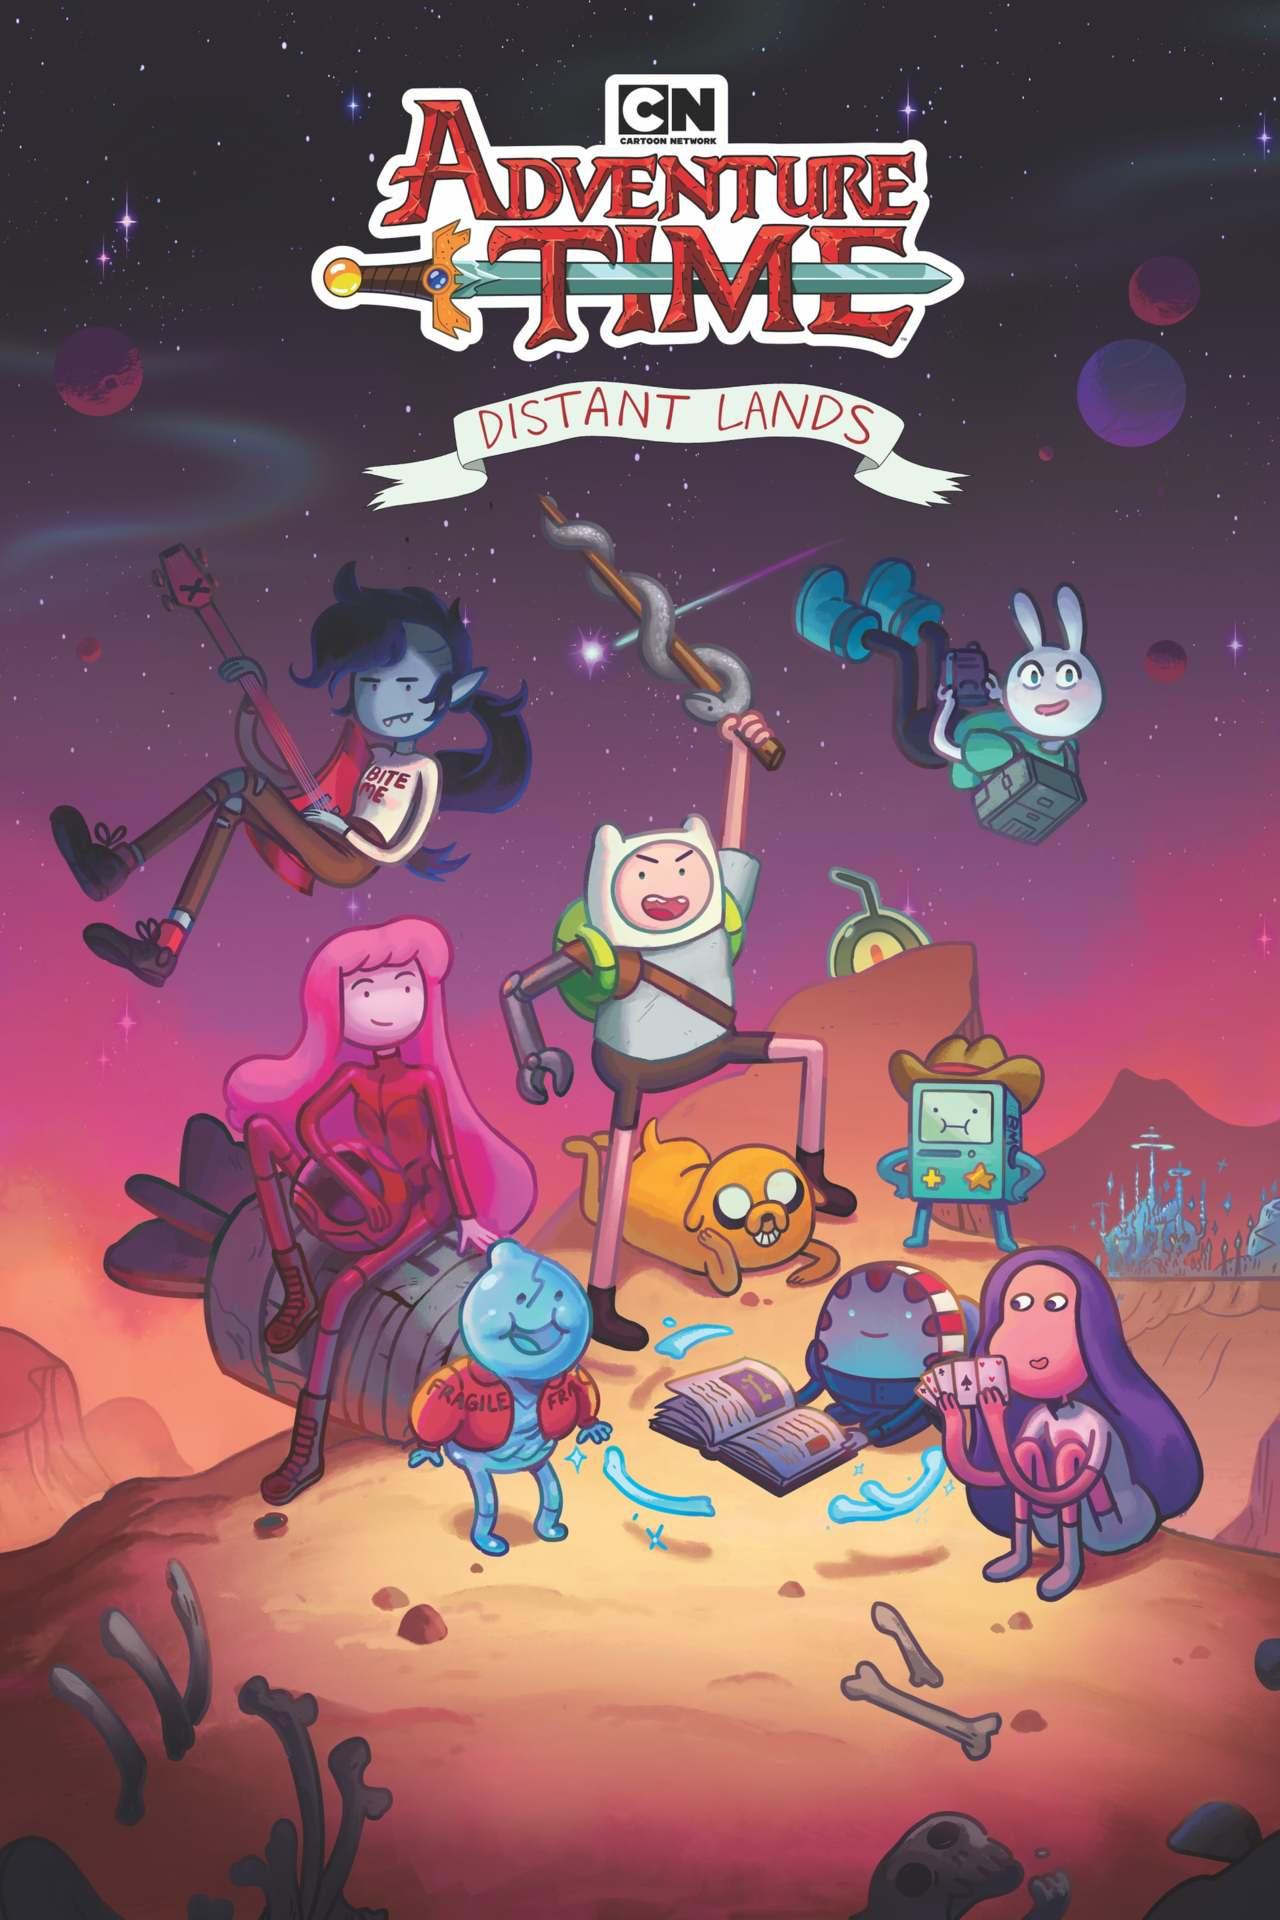 Постер фильма Время приключений: Далекие земли Adventure Time: Distant Lands 2020